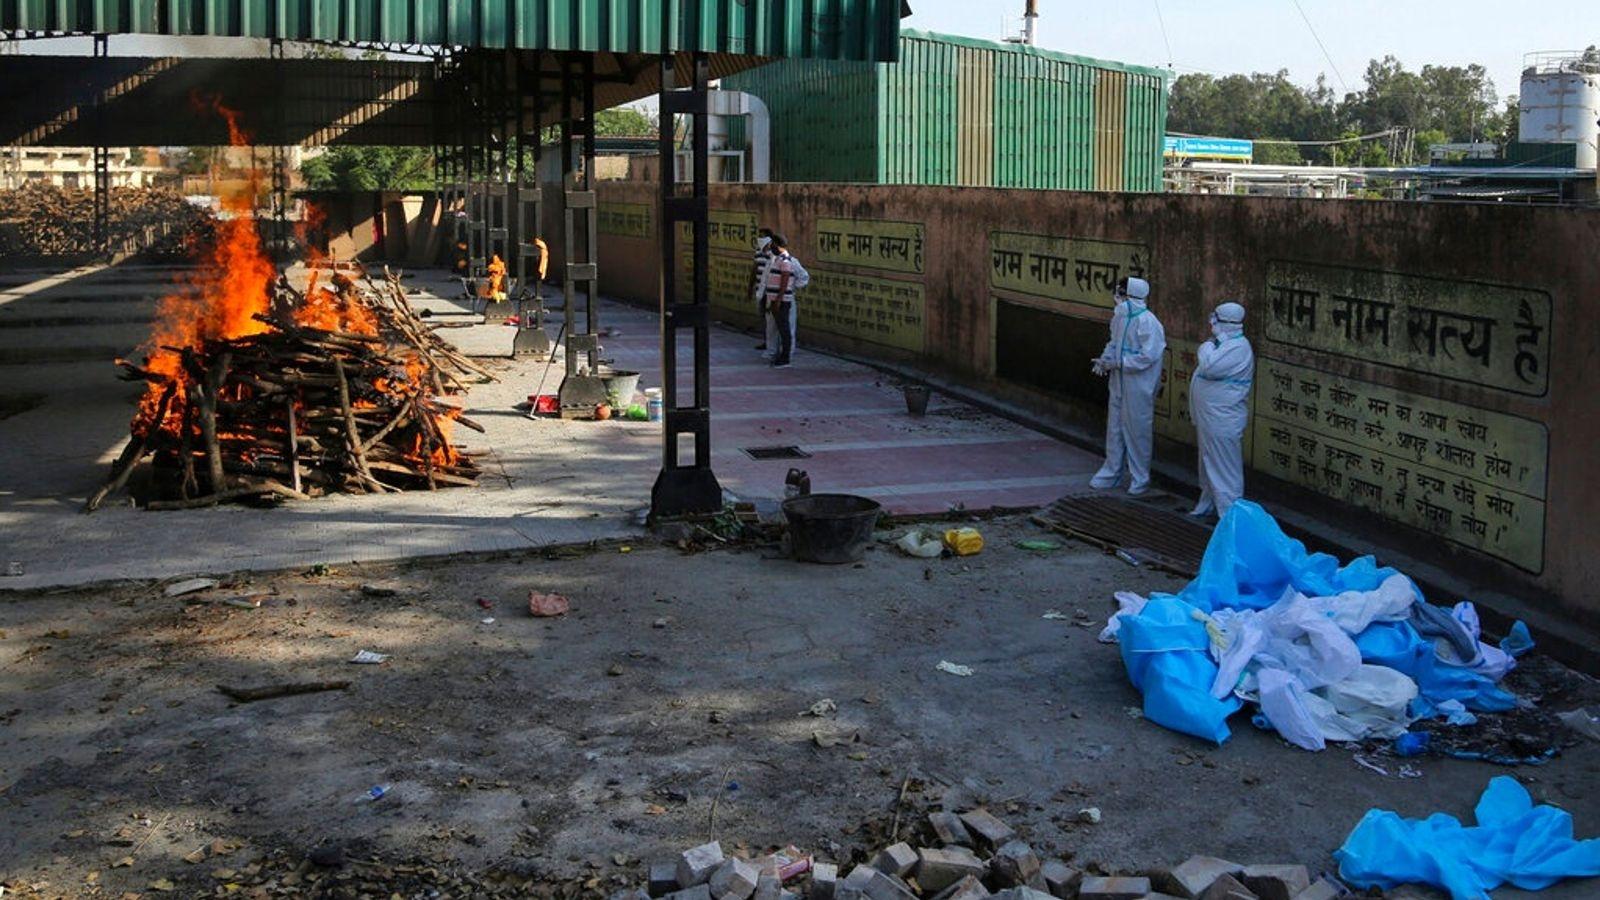 Ấn Độ ghi nhận cột mốc ảm đạm mới: Số người tử vong vì Covid-19 vượt 200.000